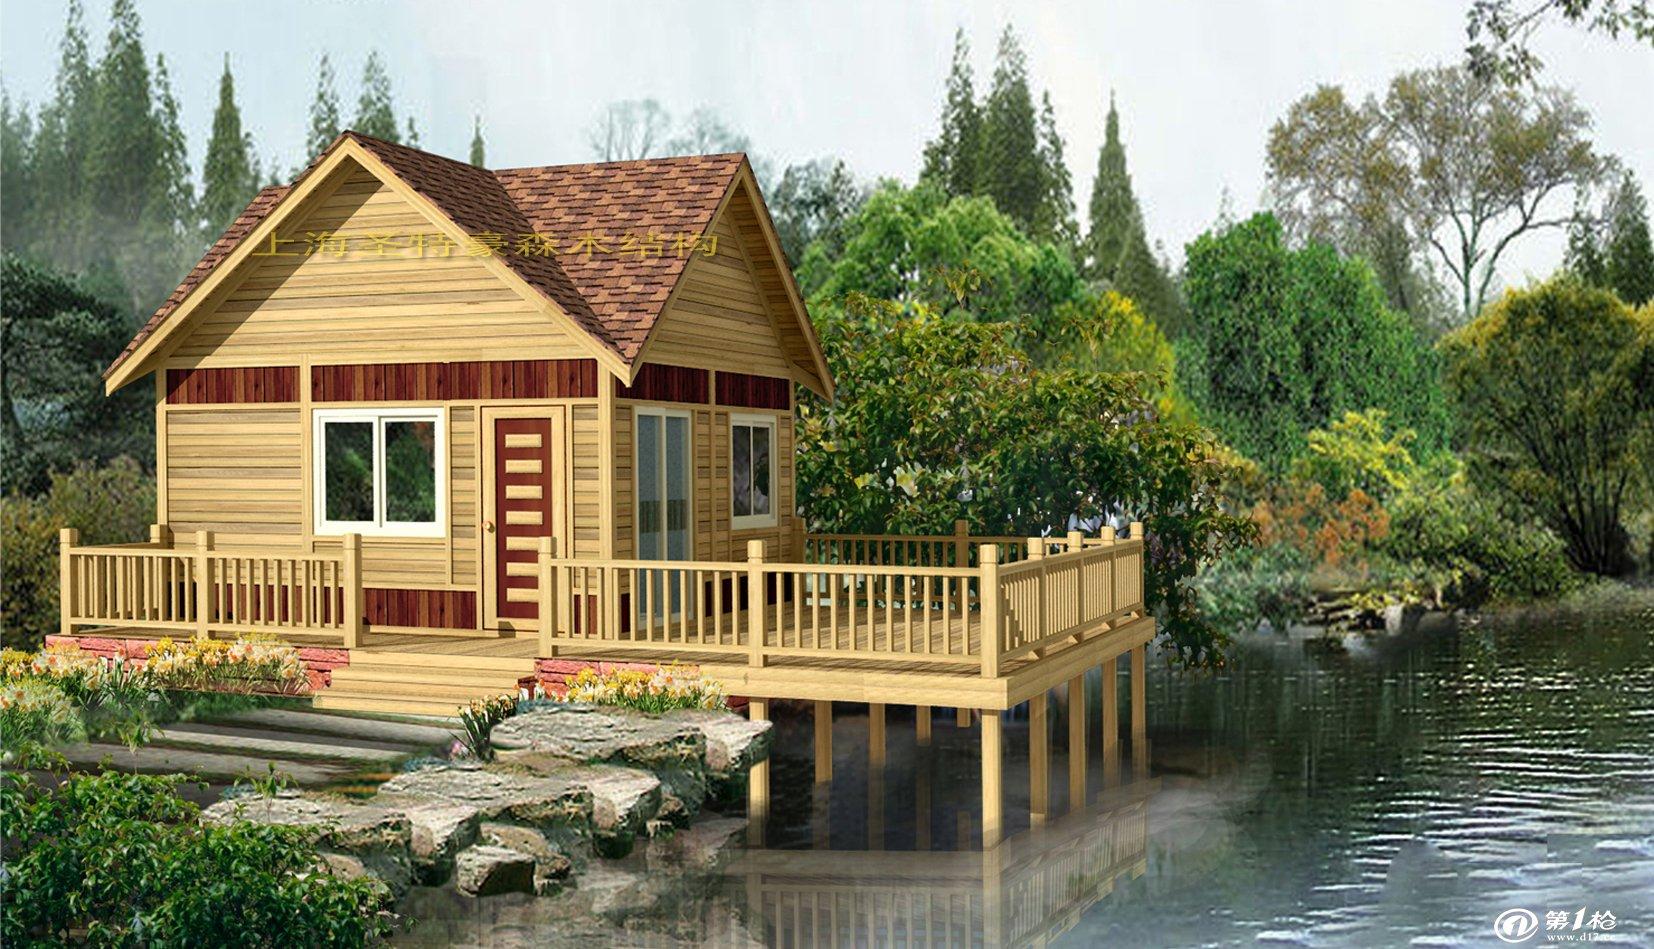 木屋的结构特点 1、施工期短,木结构房屋的施工期大约是传统房屋的1/2,为开发商提供了最快的资金回笼时间。传统房屋的施工期是在6-10个月,木结构的施工期是3-4个月,完工时传统房屋是毛坯房,而木结构完工时是精装修的马上可入住的家。1、施工期短,木结构房屋的施工期大约是传统房屋的1/2,为开发商提供了最快的资金回笼时间。传统房屋的施工期是在6-10个月,木结构的施工期是3-4个月,完工时传统房屋是毛坯房,而木结构完工时是精装修的马上可入住的家。 2、不怕火灾,木材具炭化效应,遇火灾时,木表面会形成炭化层